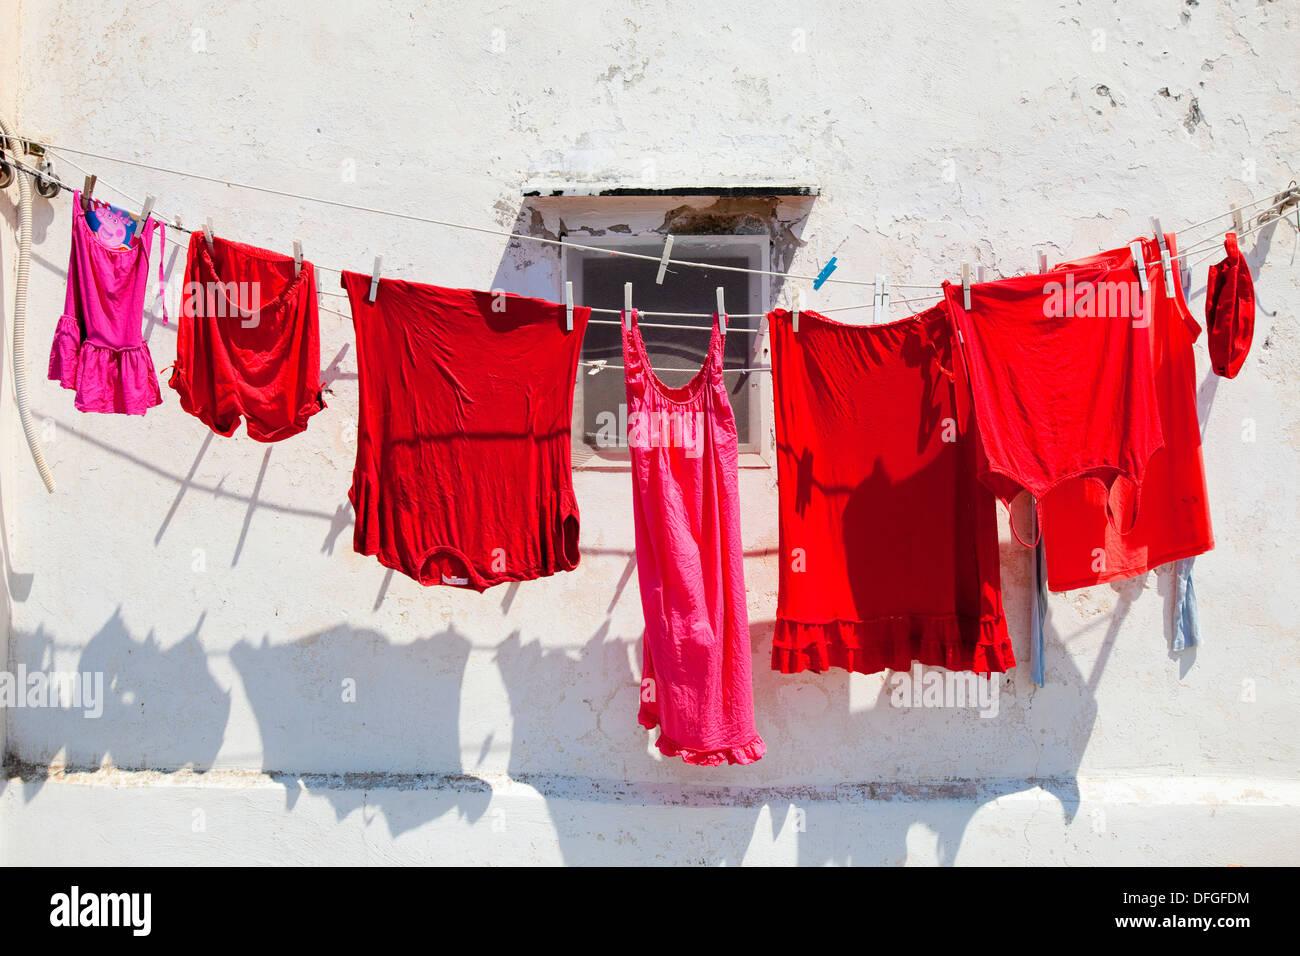 italien, procida - rote kleidung online trocknen in der